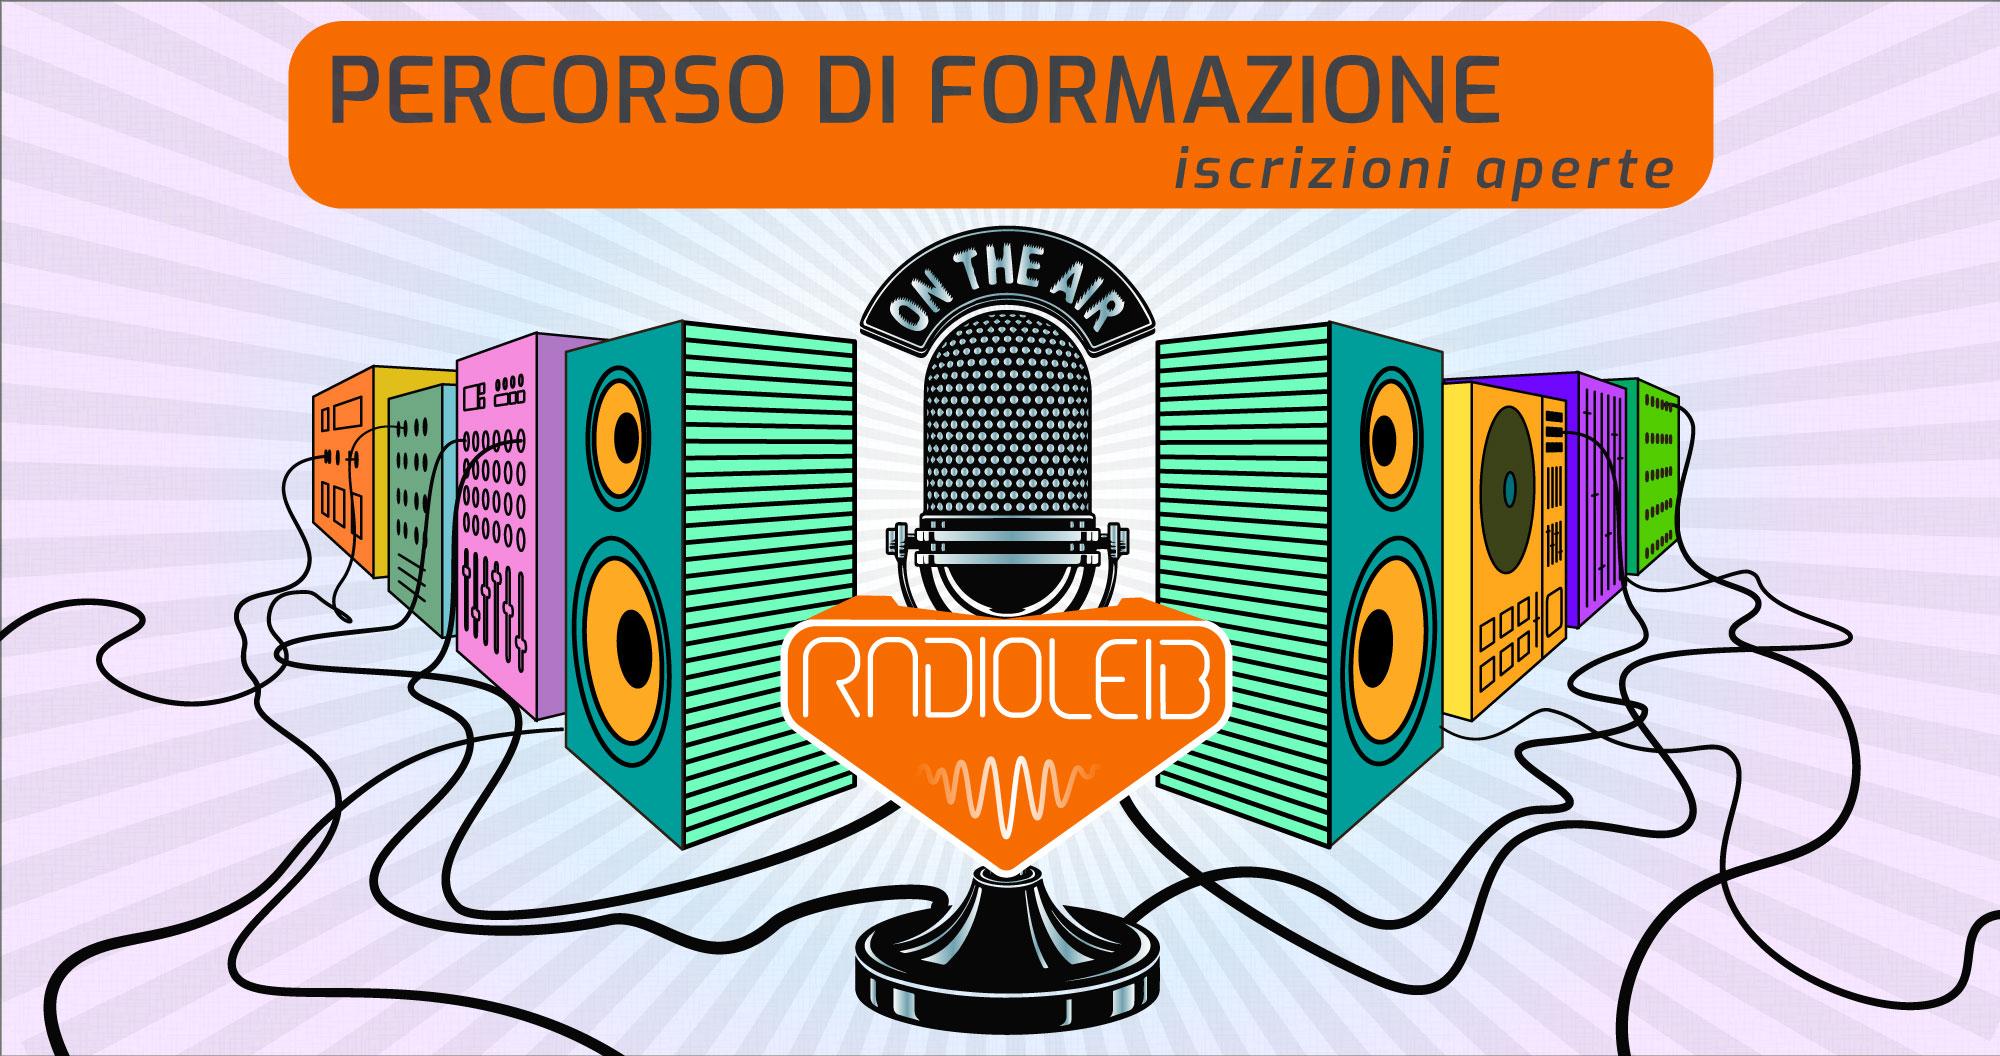 RADIO LEIB – PERCORSO DI FORMAZIONE